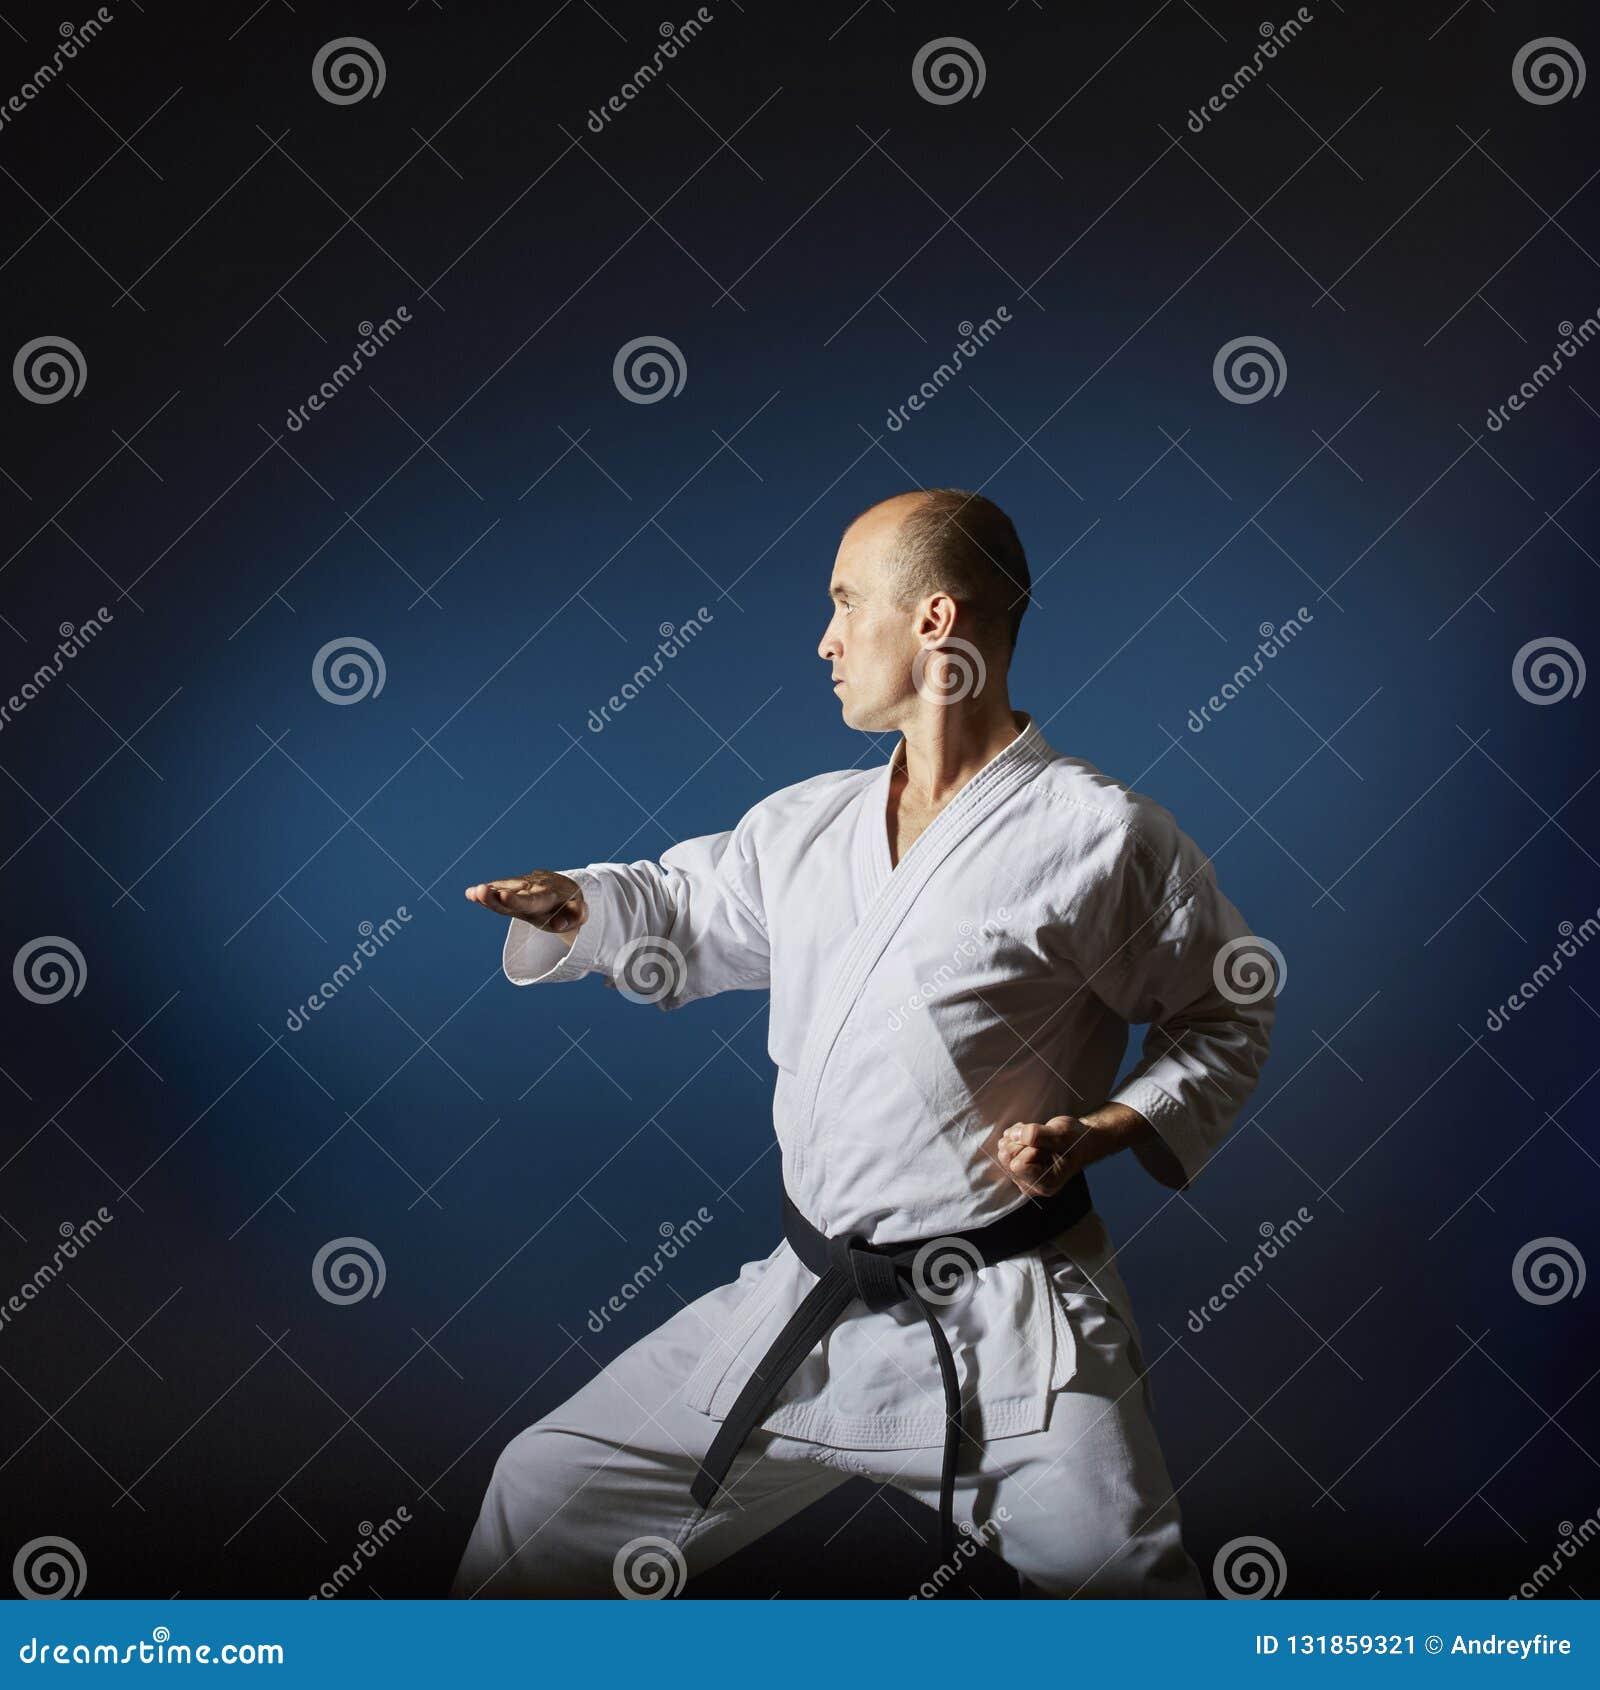 Auf einem blauen Hintergrund mit einer Steigung, bildet ein Athlet mit einem schwarzen Gürtel formal Karateübungen aus